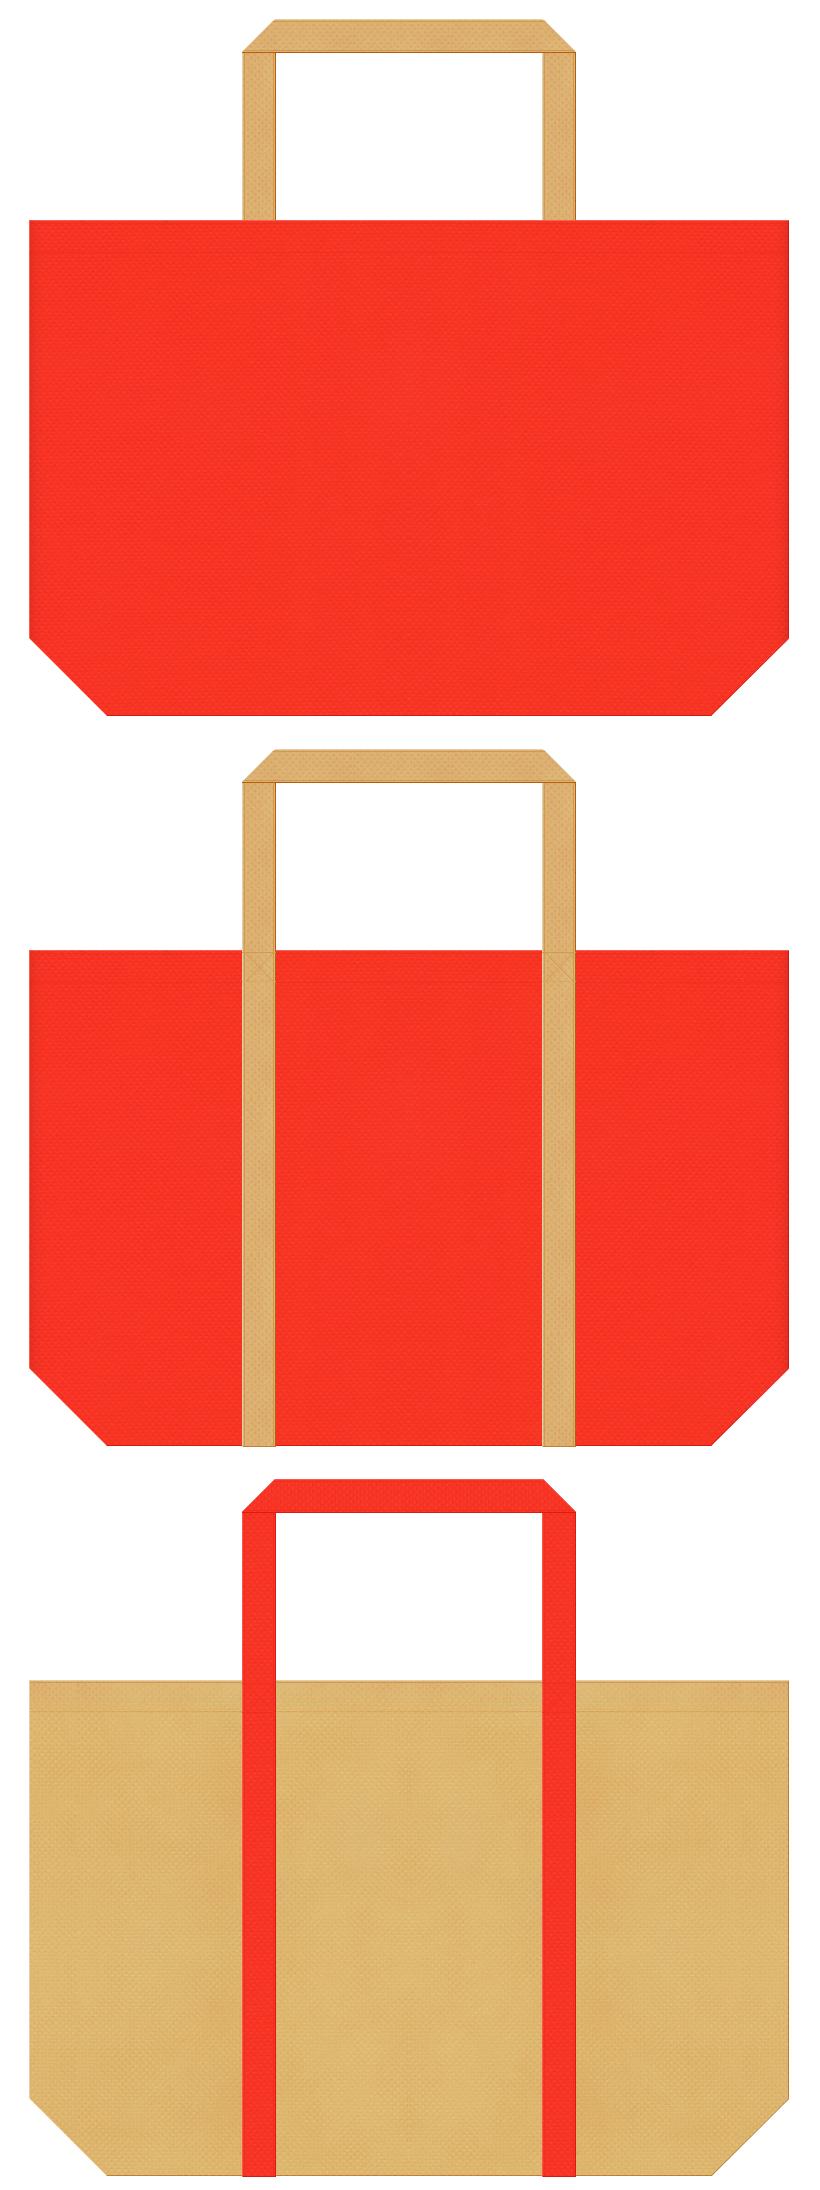 オレンジ色と薄黄土色の不織布バッグデザイン。キッチン用品の販促ノベルティやショッピングバッグにお奨めです。